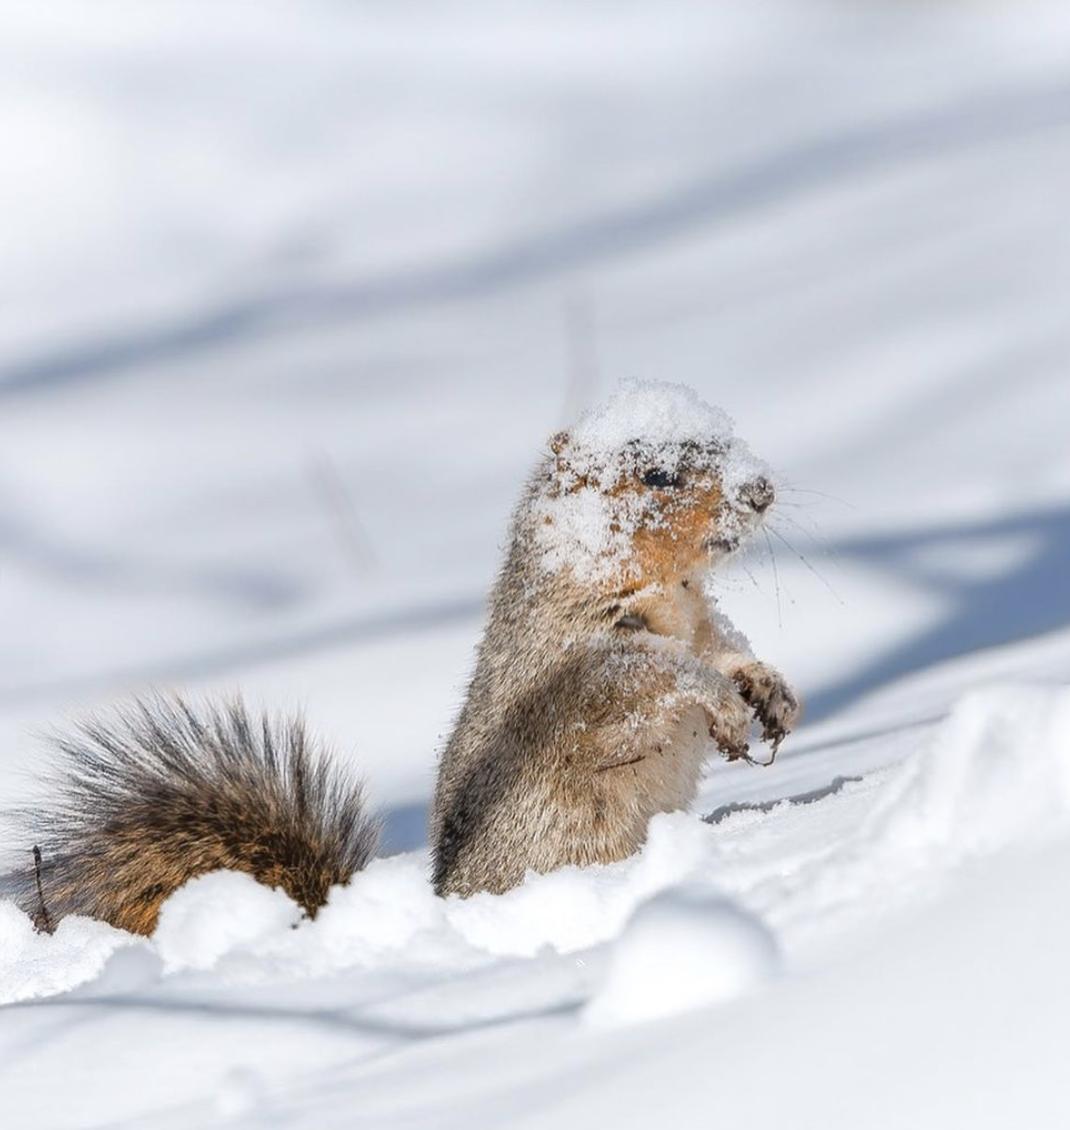 Білочка ховається від ворогів у сніжних заметах